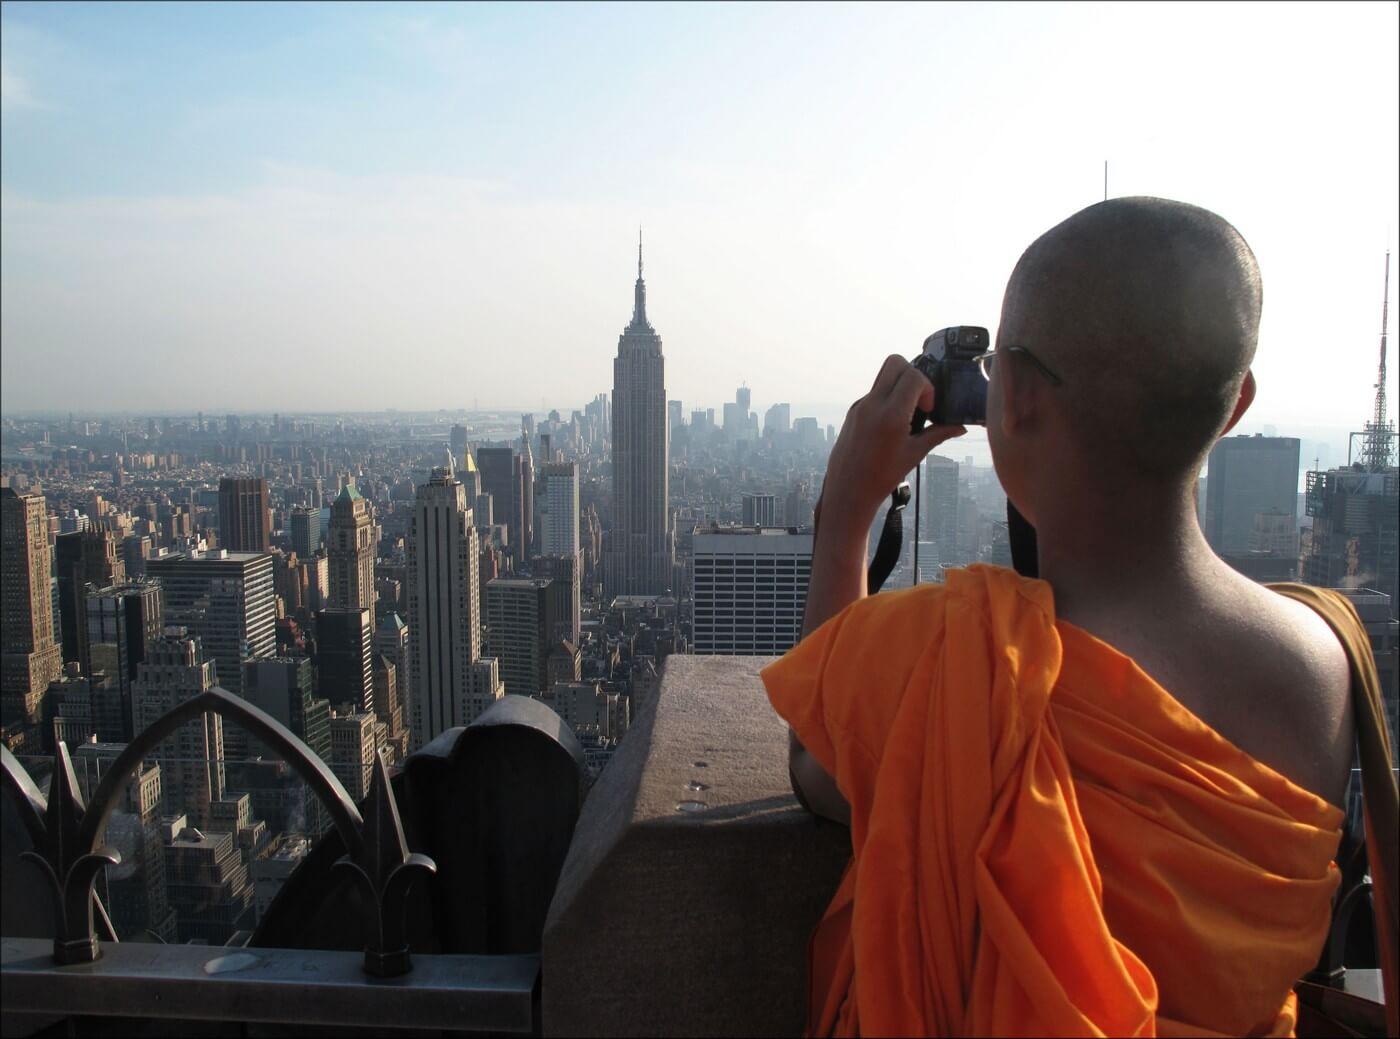 moine bouddhiste prenant de la hauteur pour photographier la ville de new york